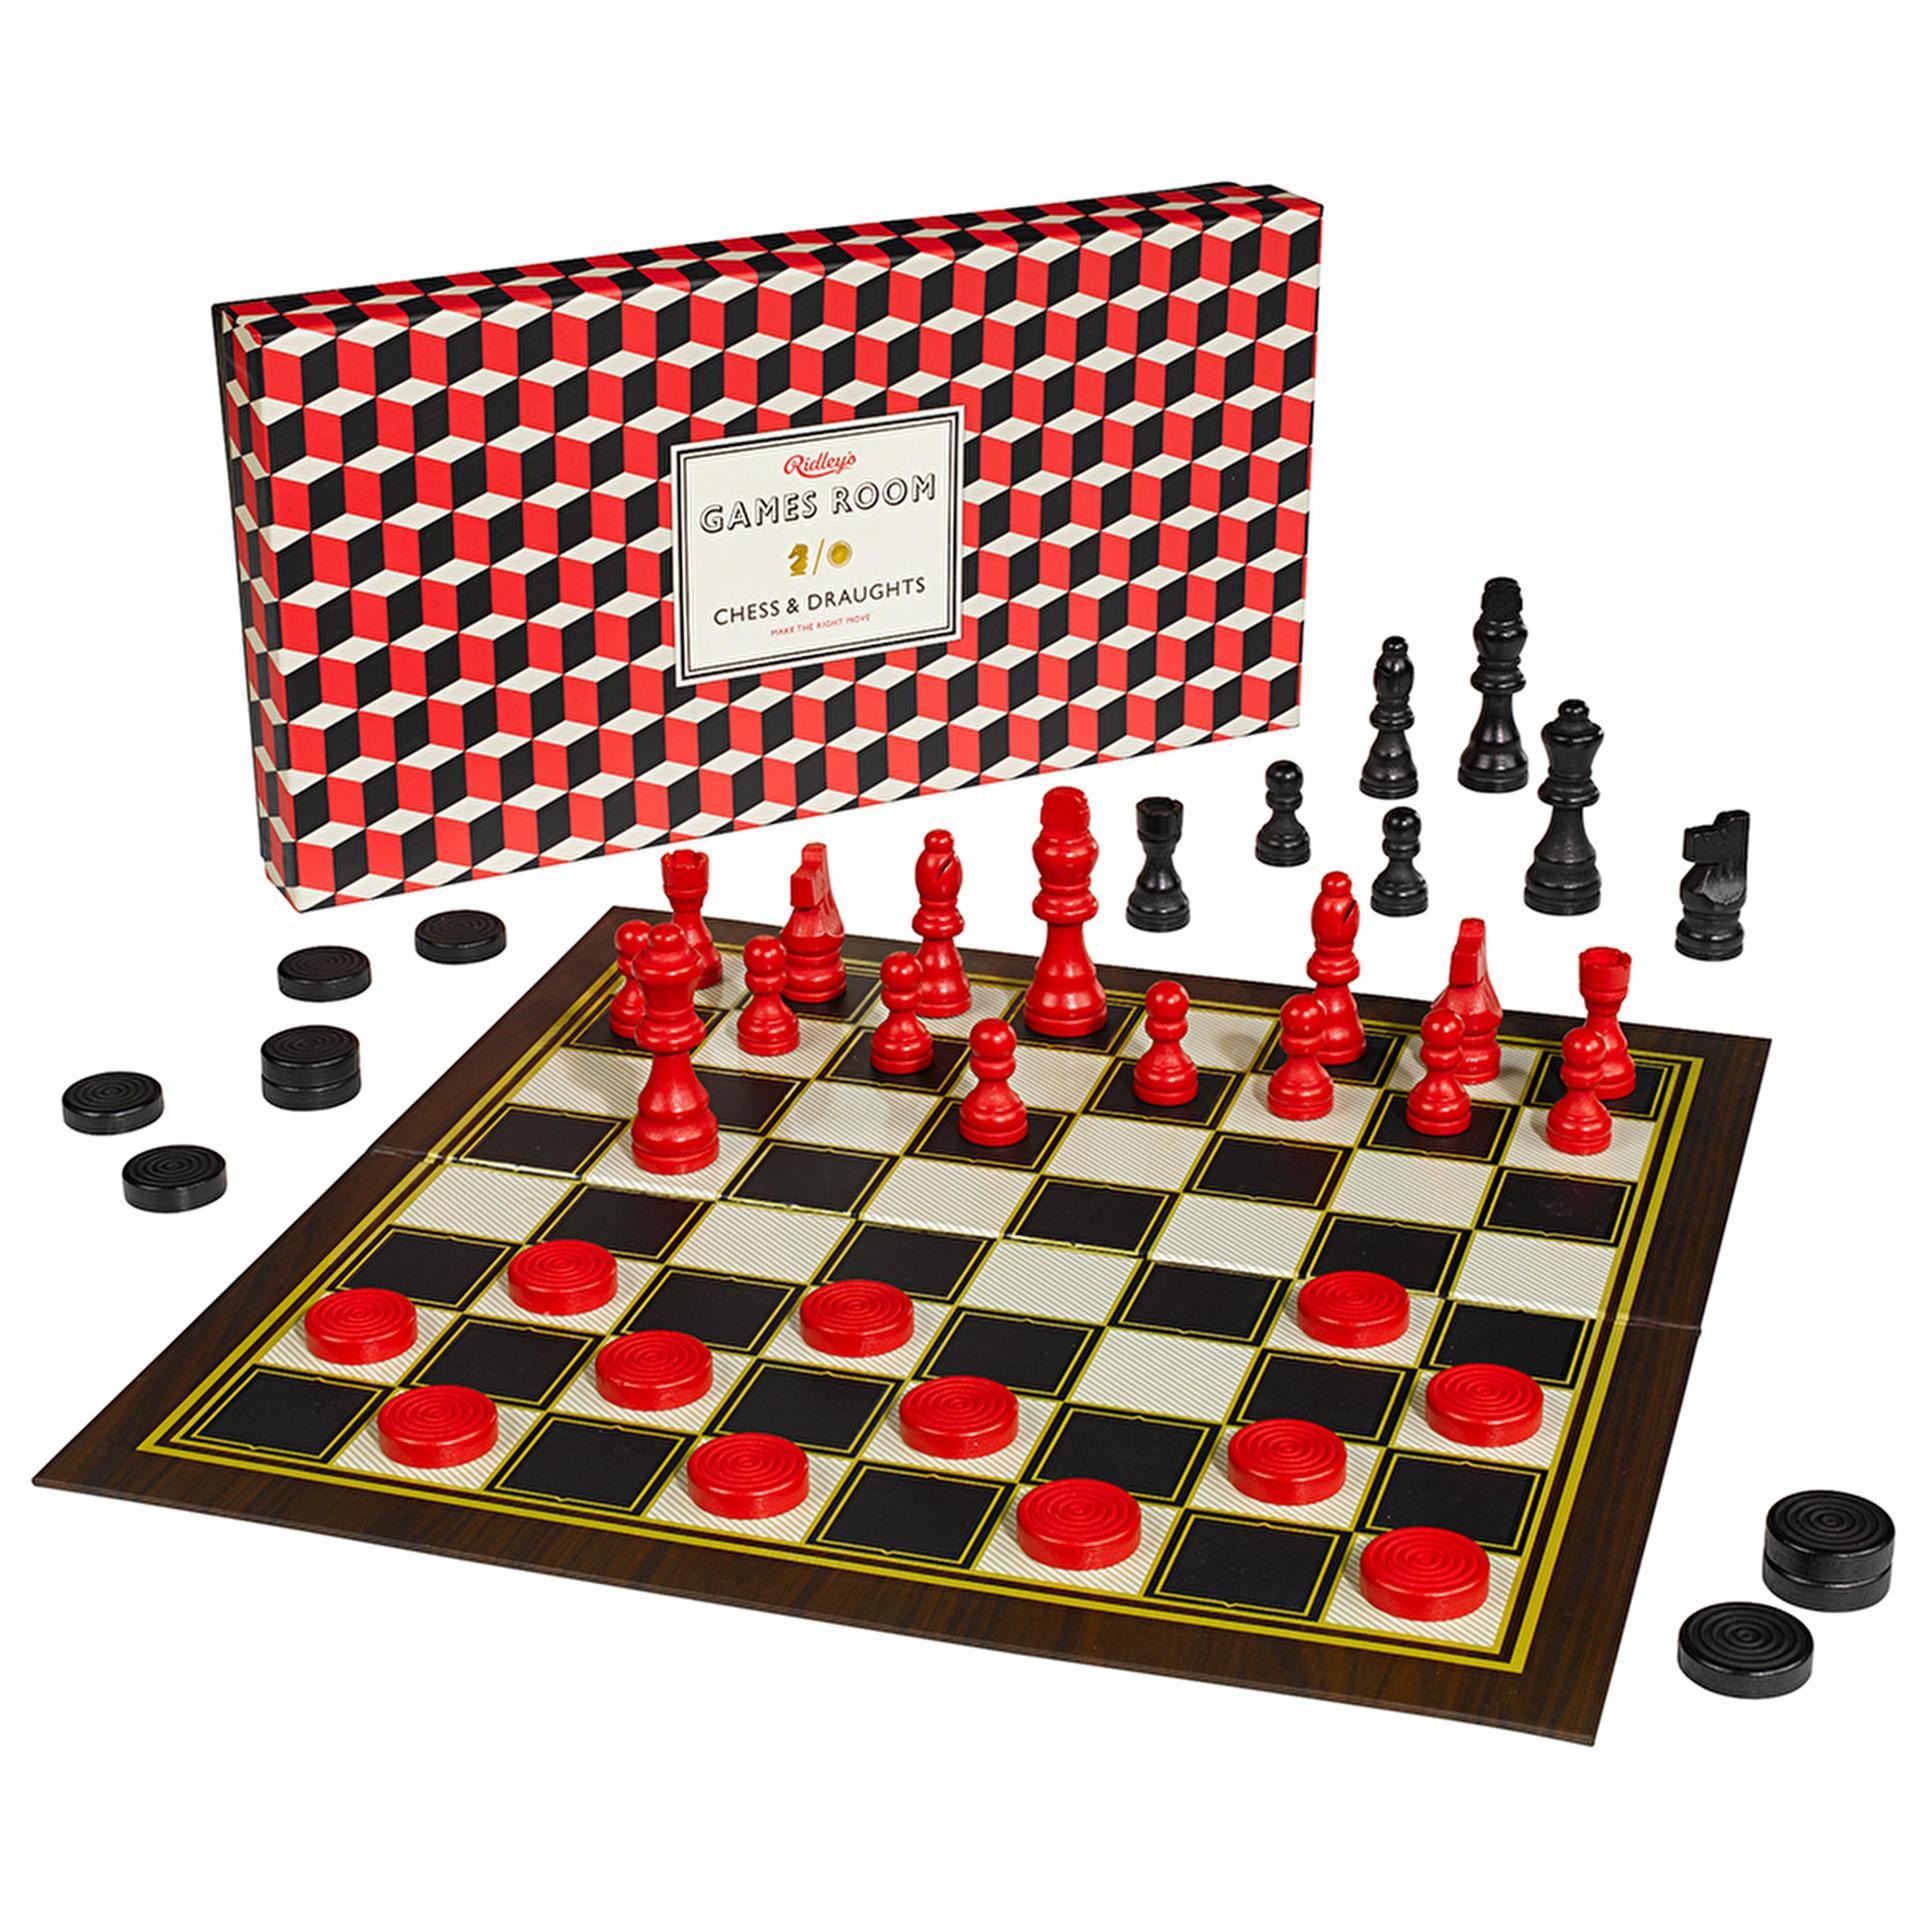 Ridley's Games Room Desková hra - šachy a dáma 2v1, červená barva, černá barva, dřevo, papír